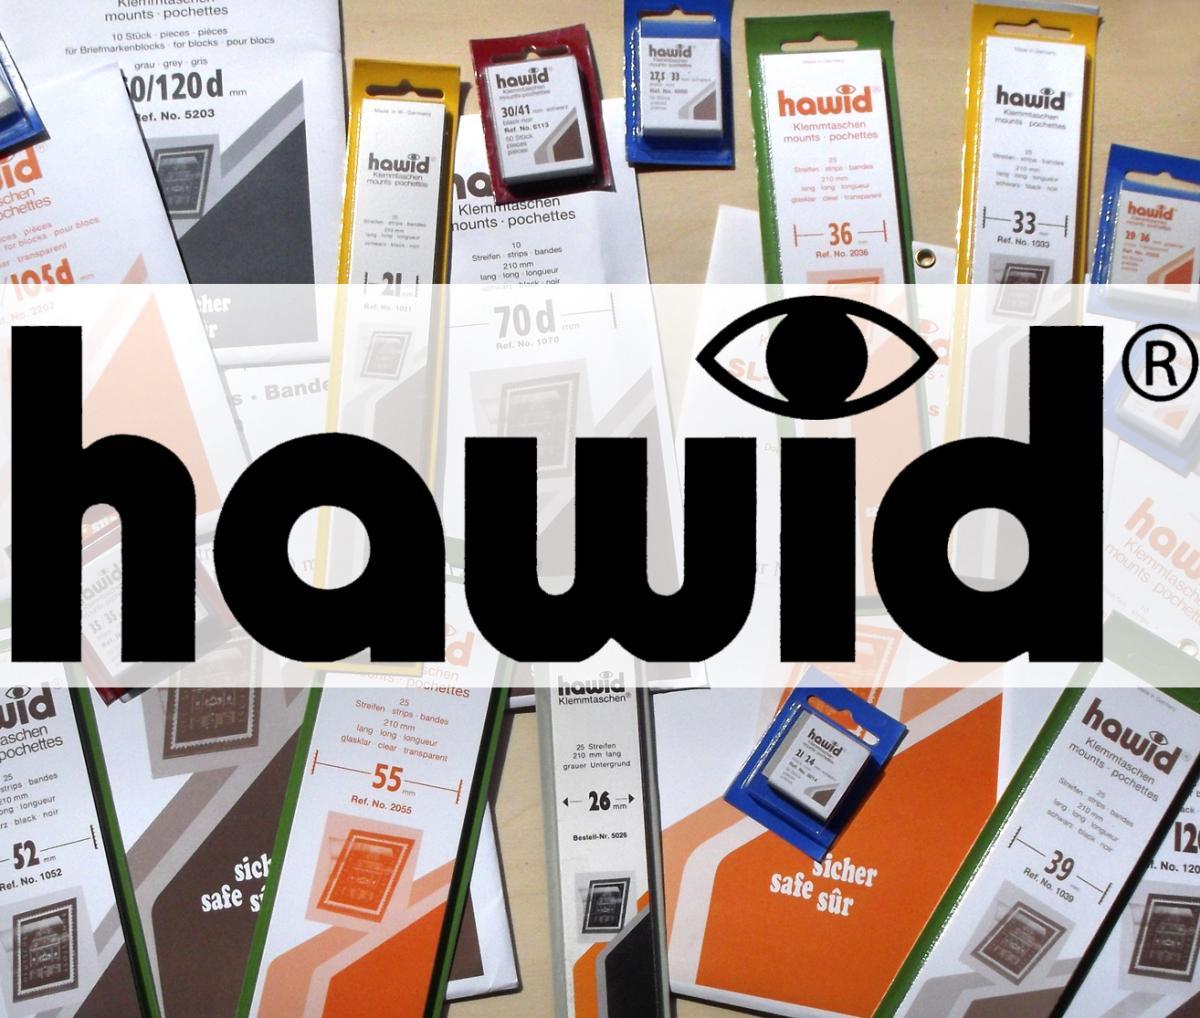 HAWID-Streifen 2060, 210 x 60 mm, glasklar, 10 Stück, d* (in weißer Verpackung) 0